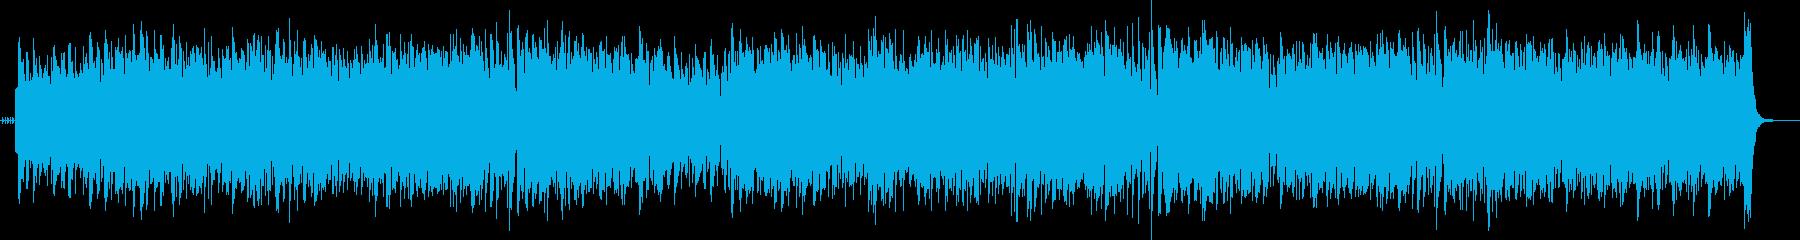 ジャズスタンダードアップテンポ フルートの再生済みの波形